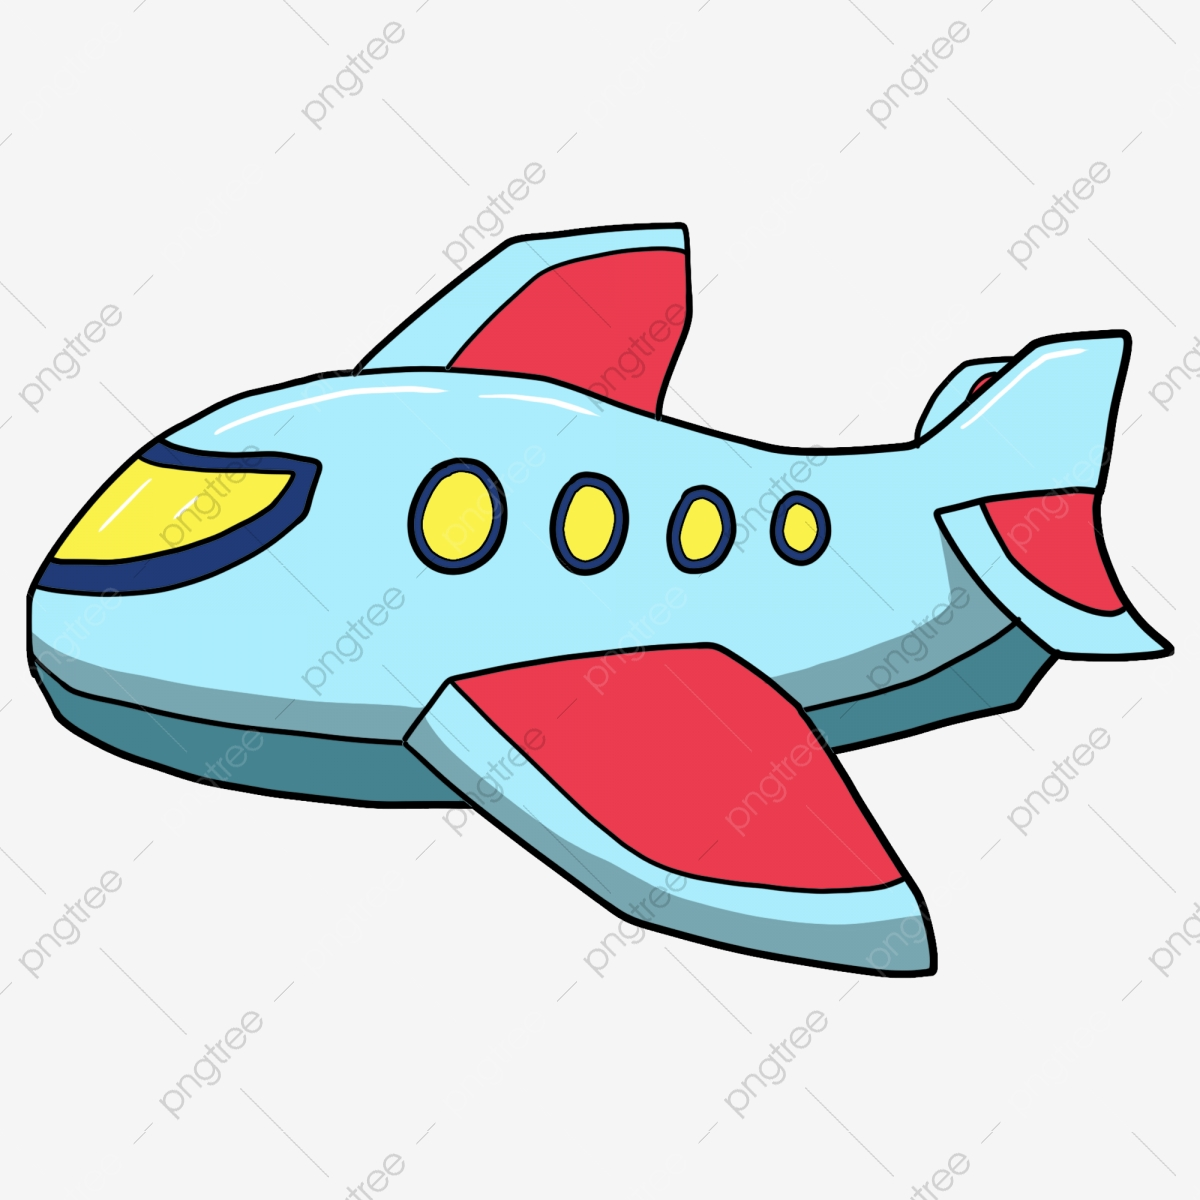 Ilustracao De Aviao A Subir Tome Um Aviao De Ferias Aviao Azul